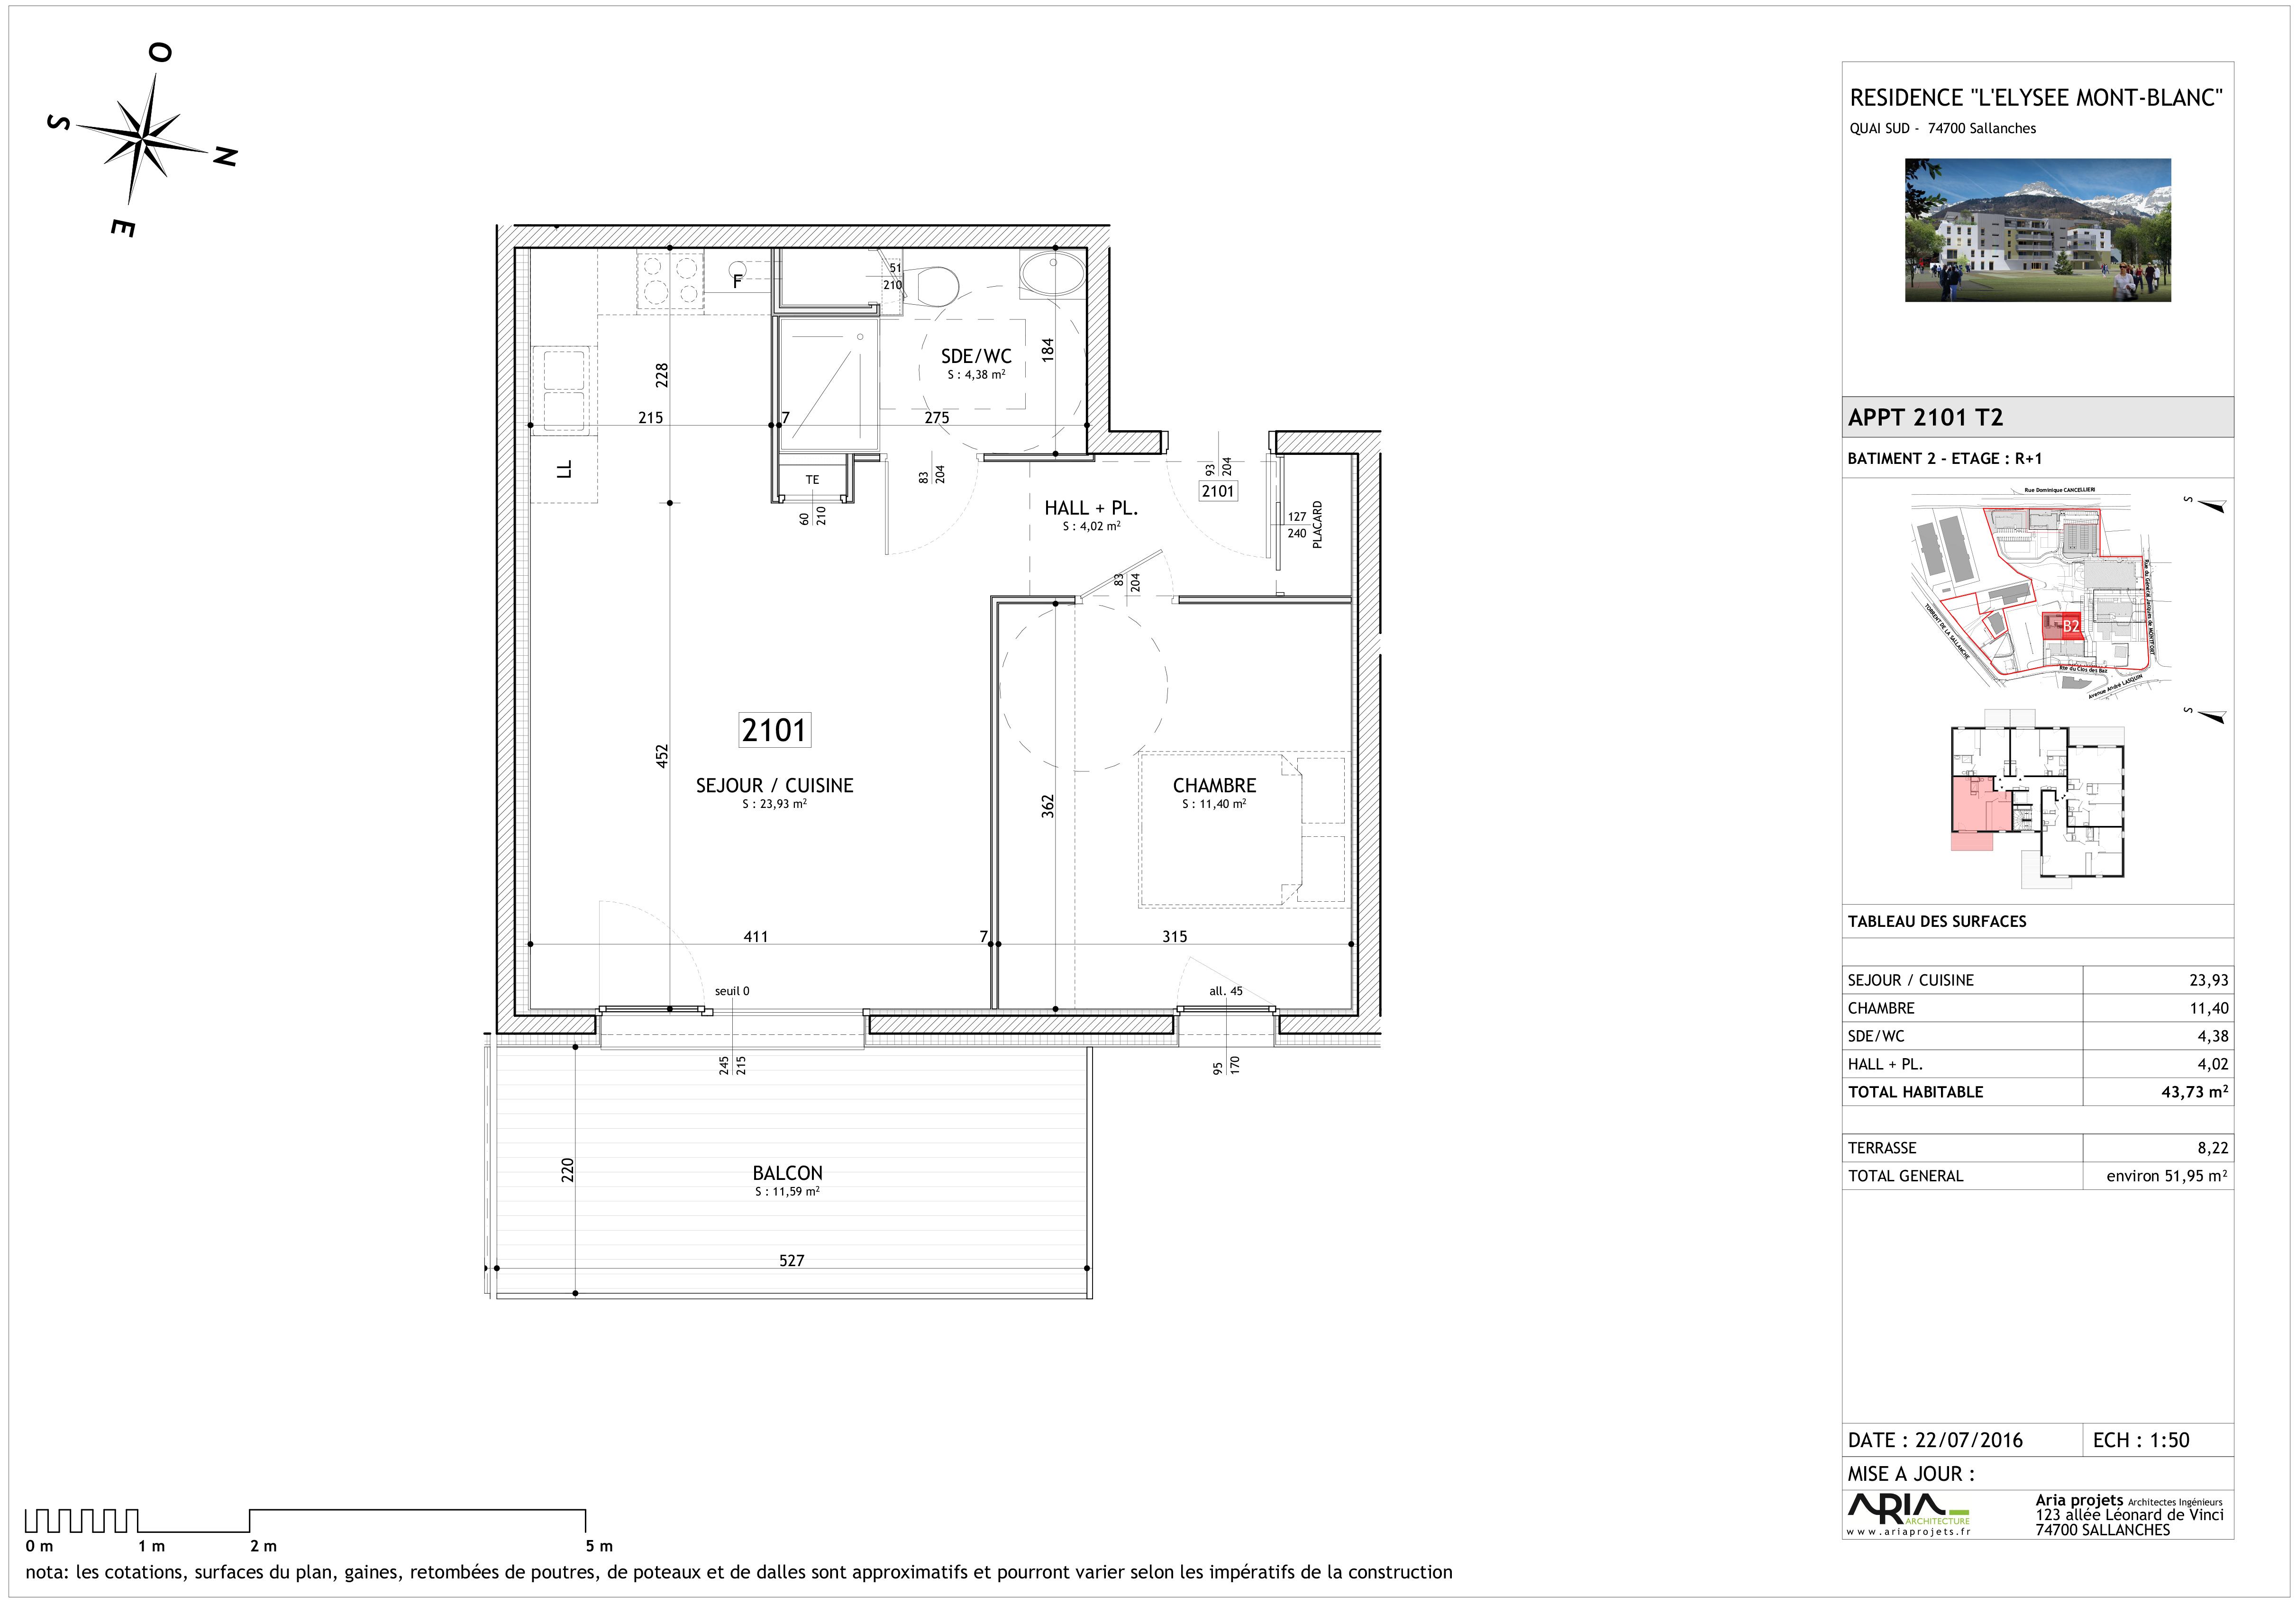 appartement 2101 de type T2